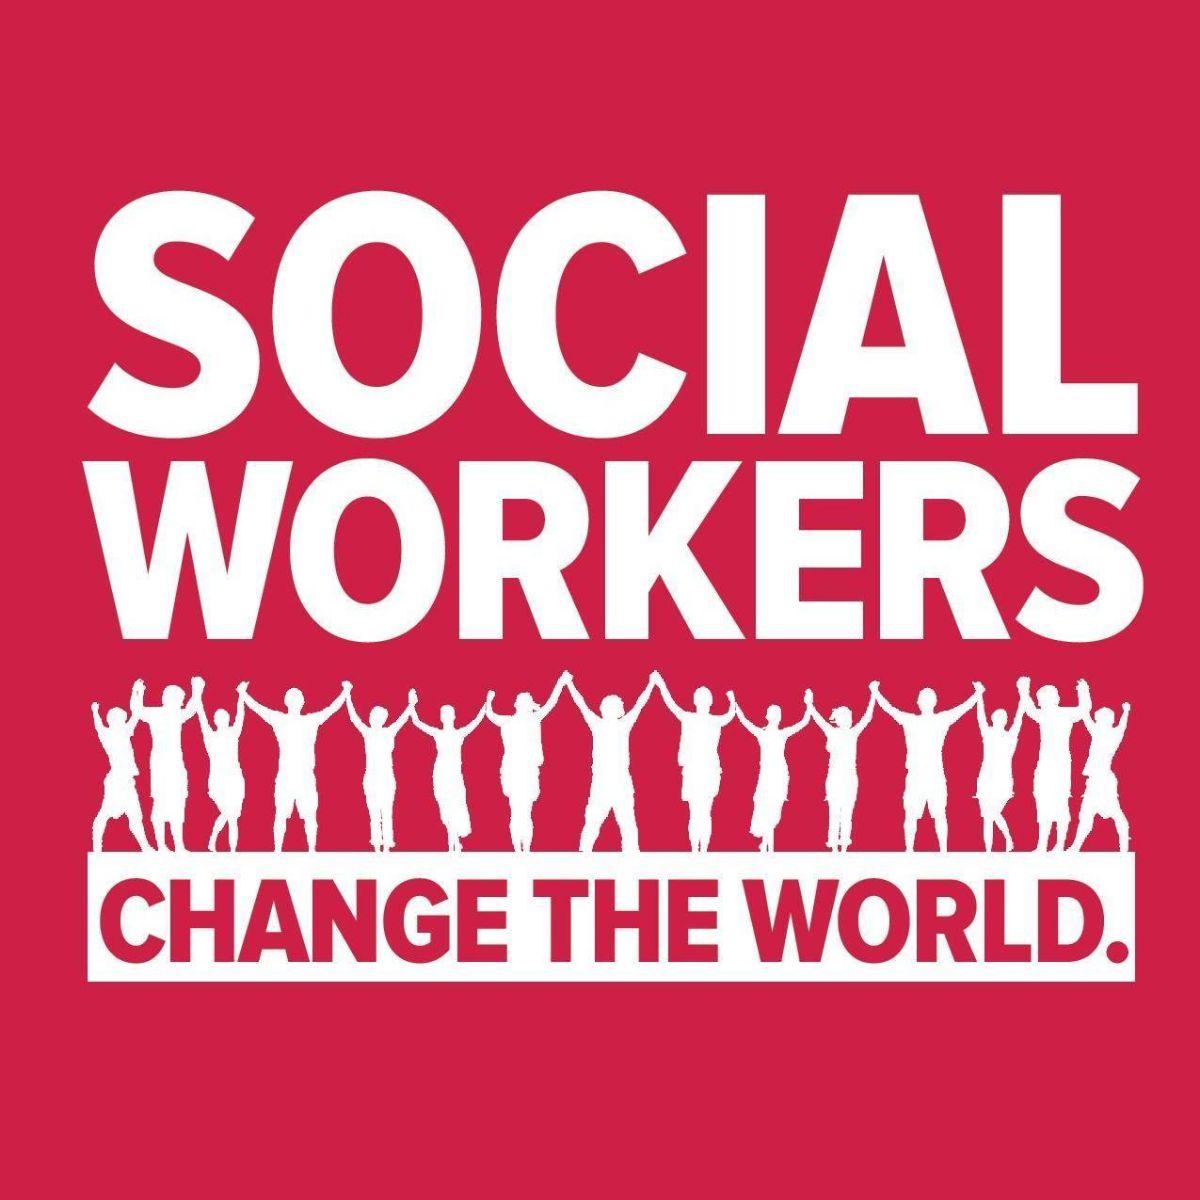 Học ngành Công tác xã hội là học gì ?